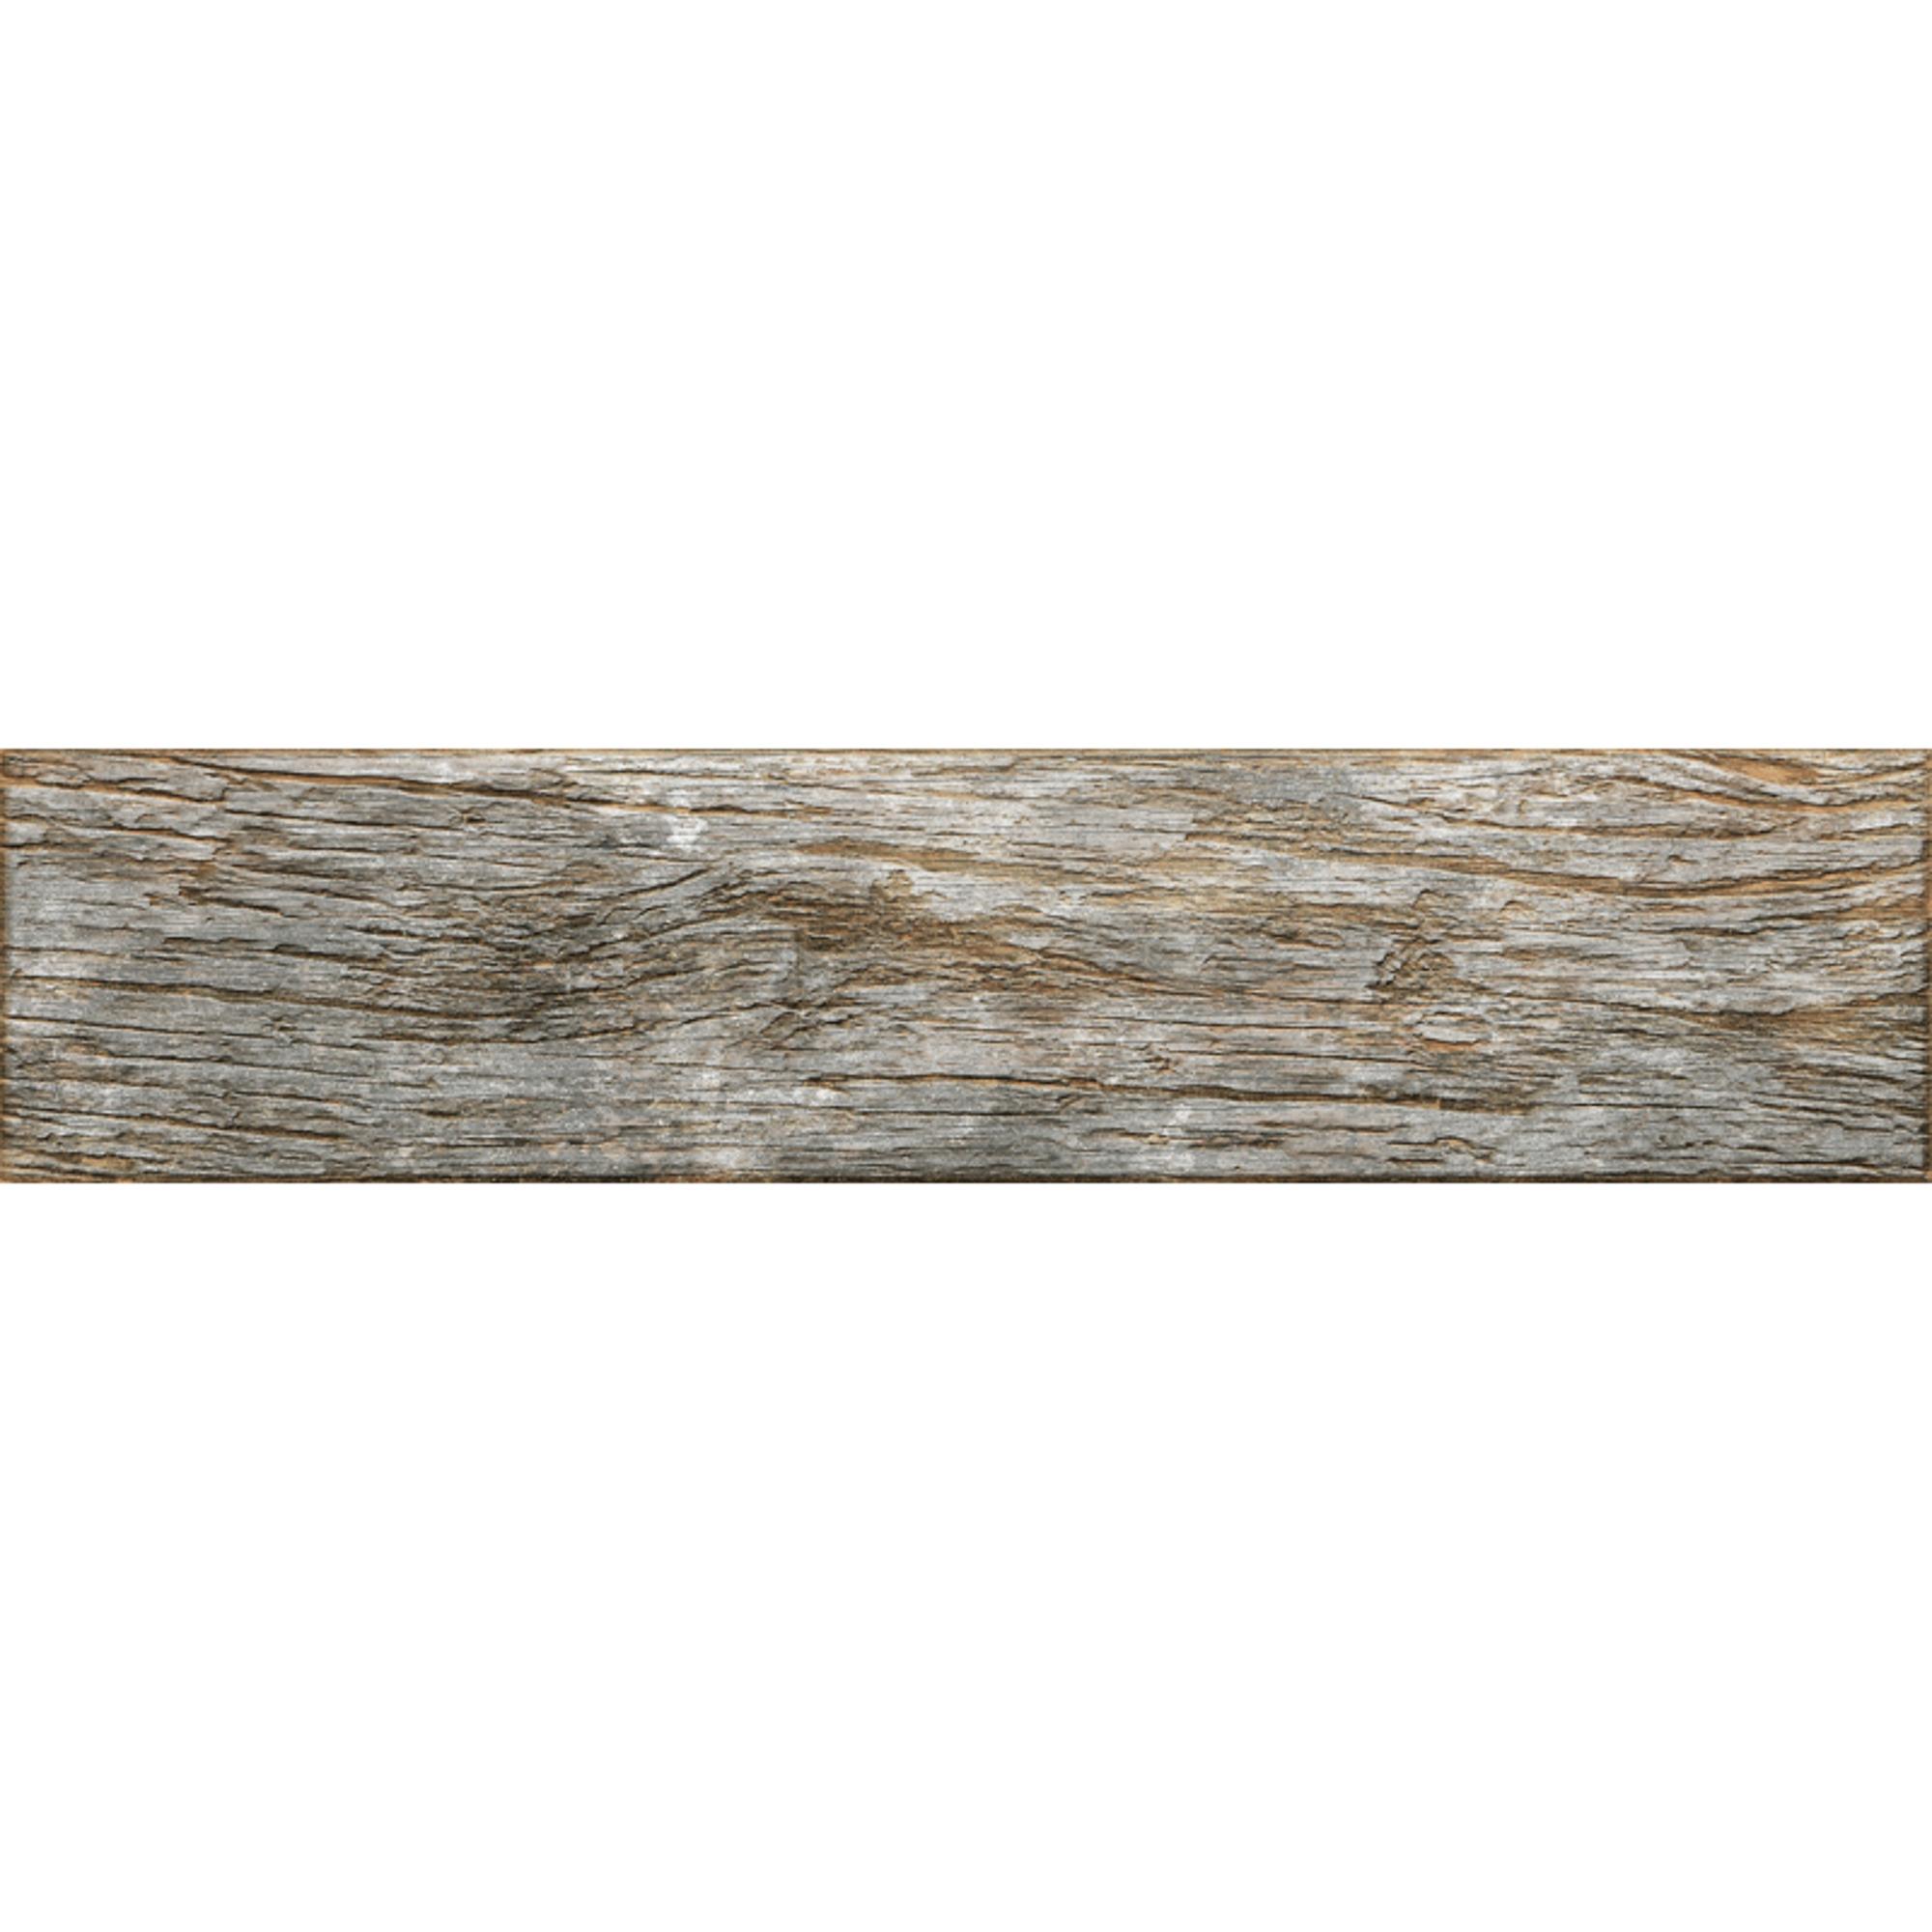 Плитка Oset Truss Greyed Anti-slip Frost Resistance 15х66 см PT13227